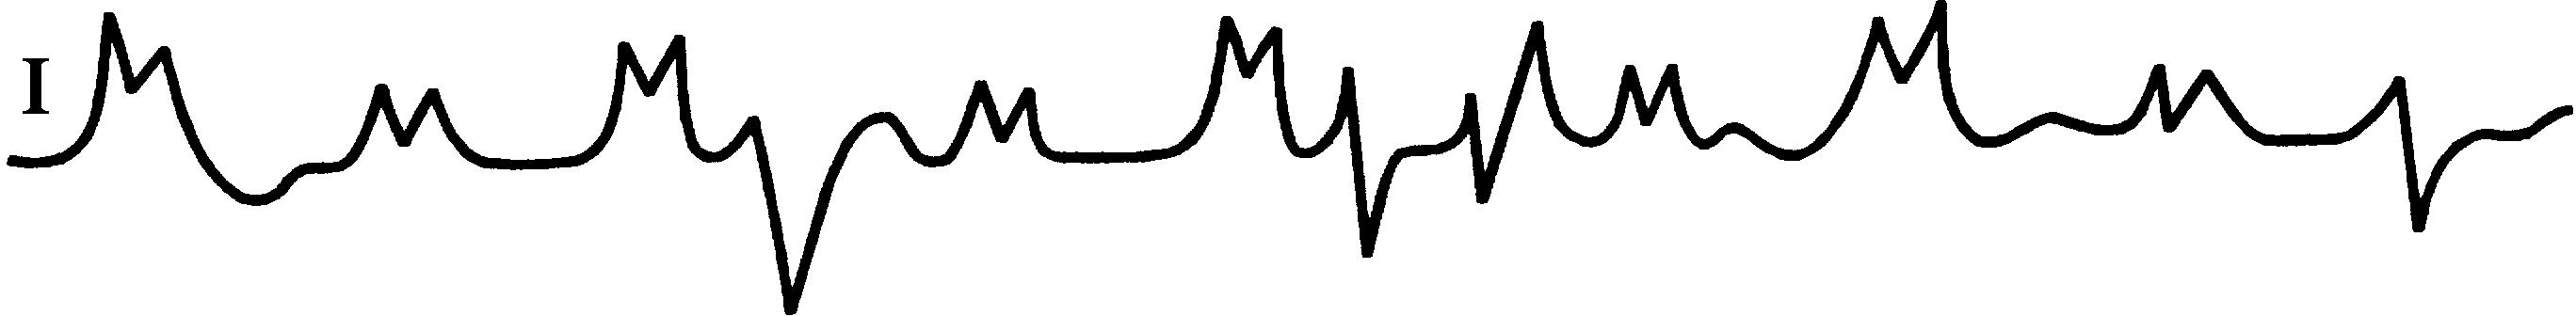 Идиовентрикулярный ритм — причины возникновения, диагностика, лечение